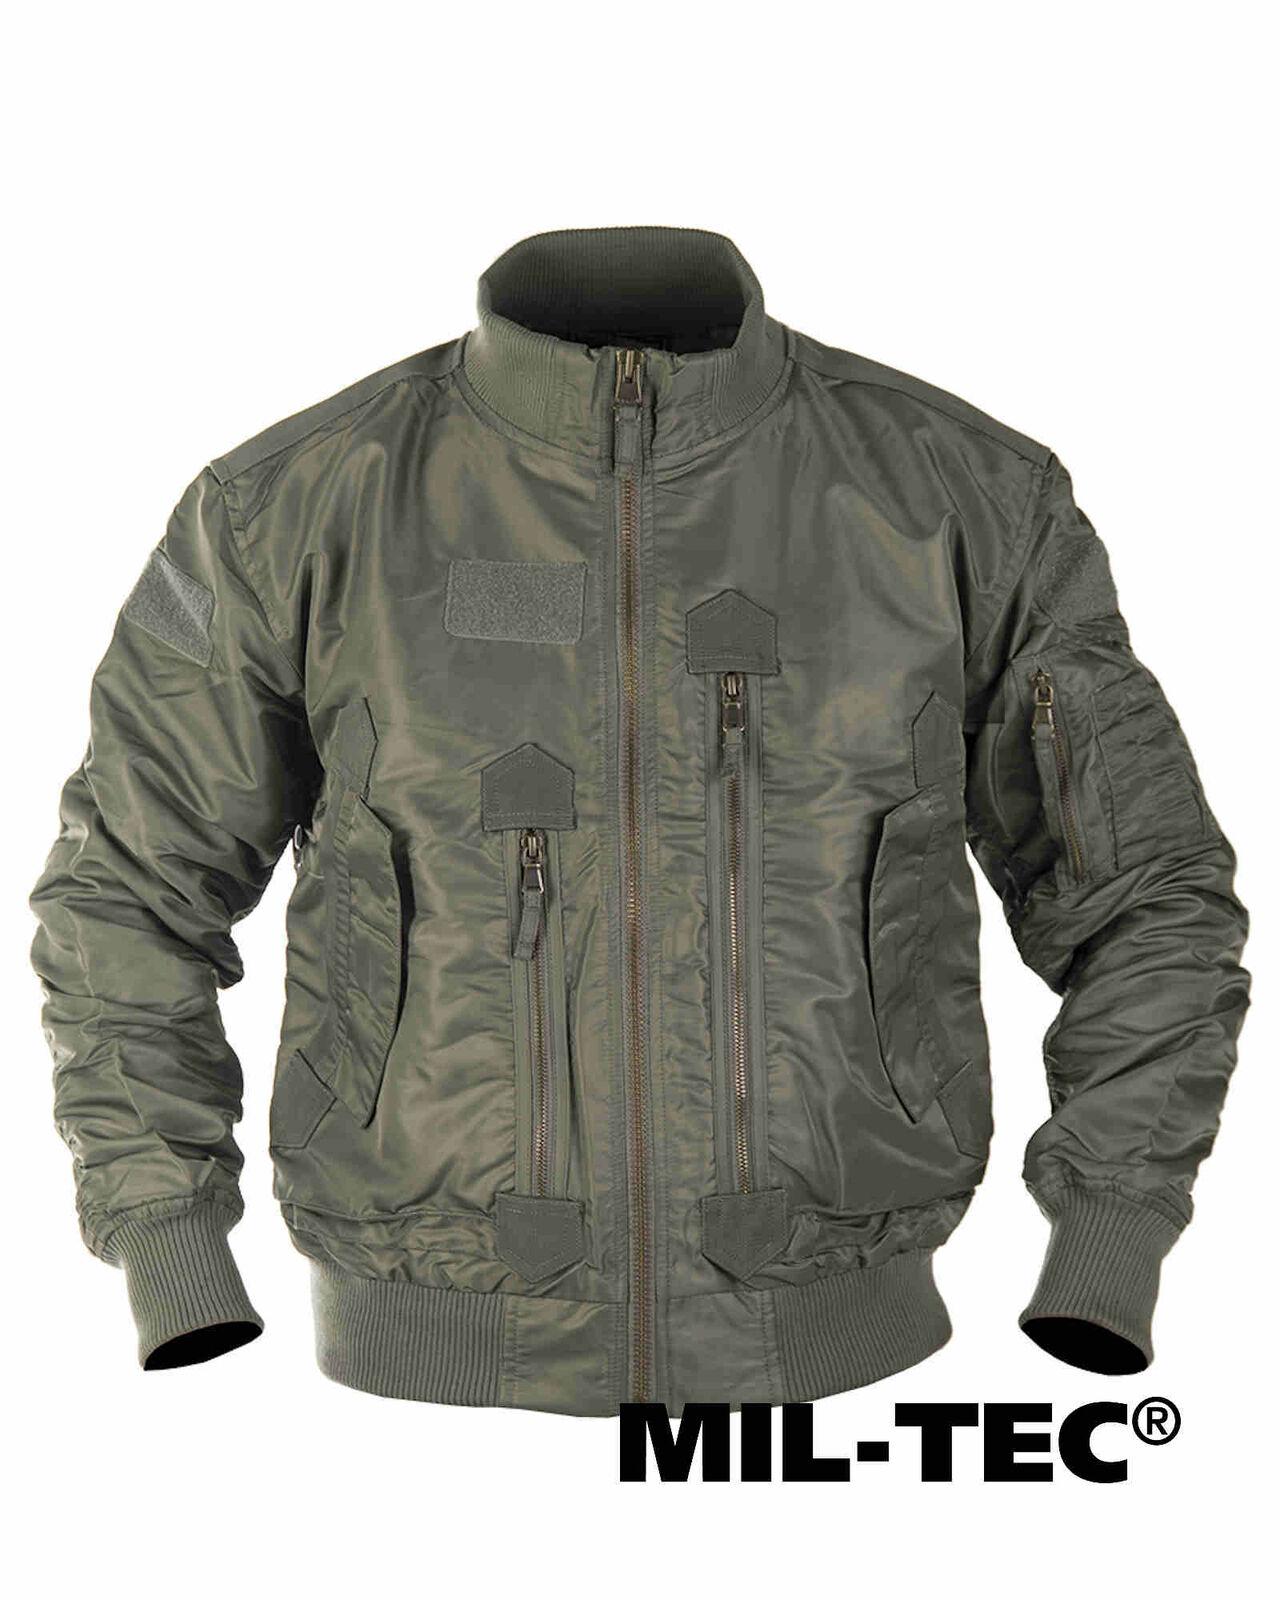 Mil-tec us Tactical aviador chaqueta verde oliva hidrófuga chaqueta